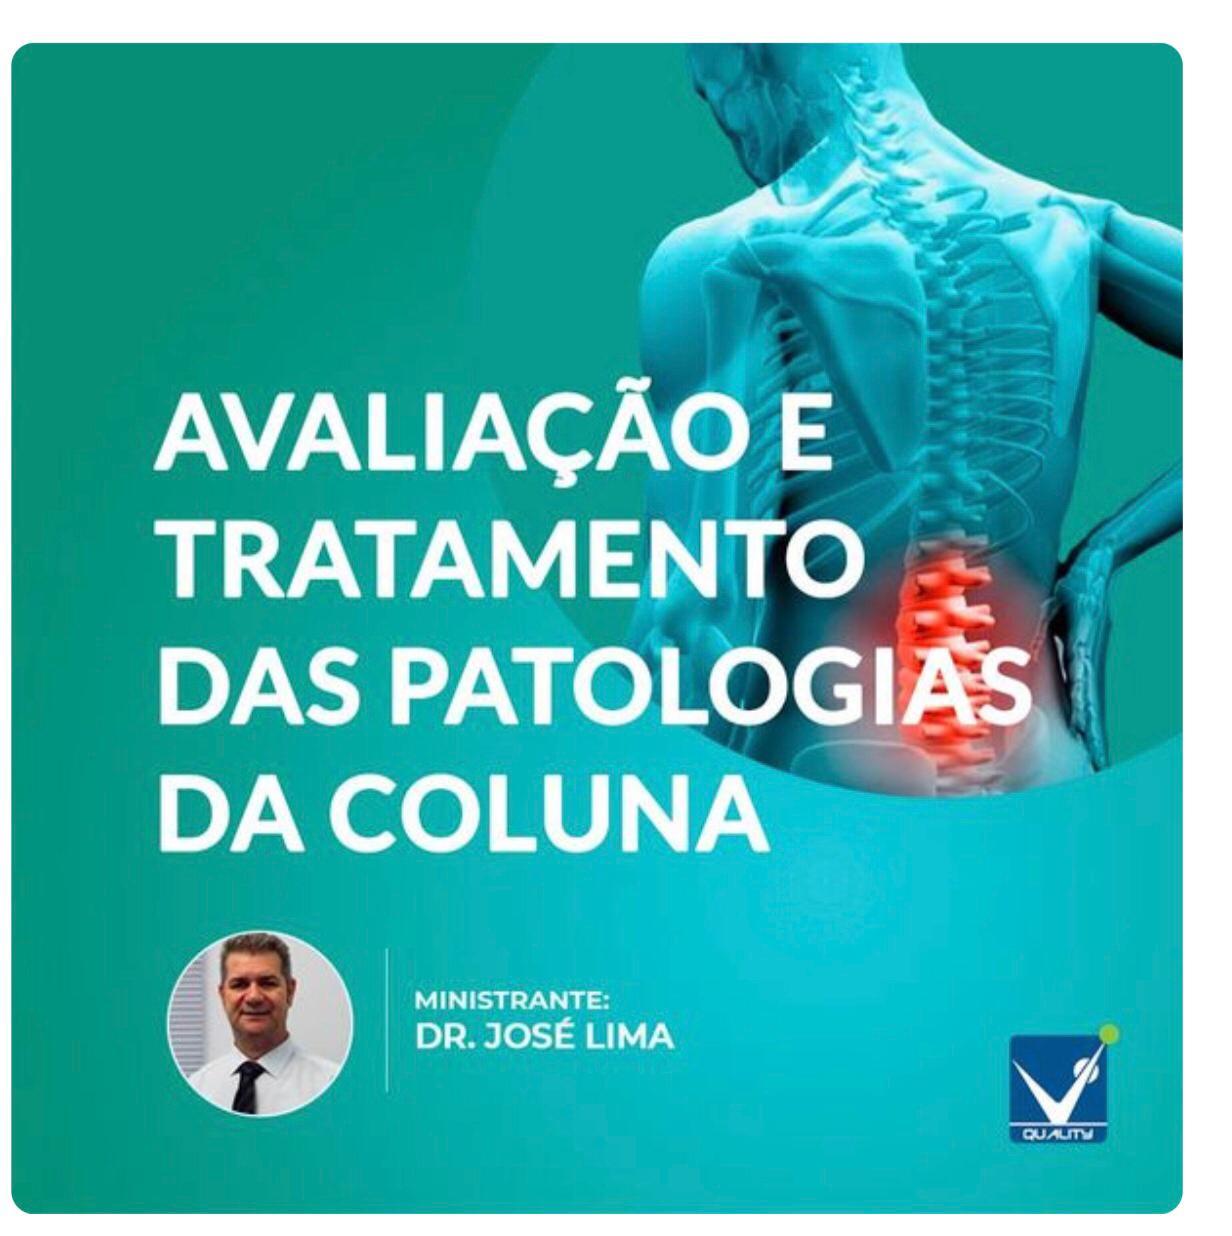 Curso de Avaliação e Tratamento das Patologias da Coluna Vertebral